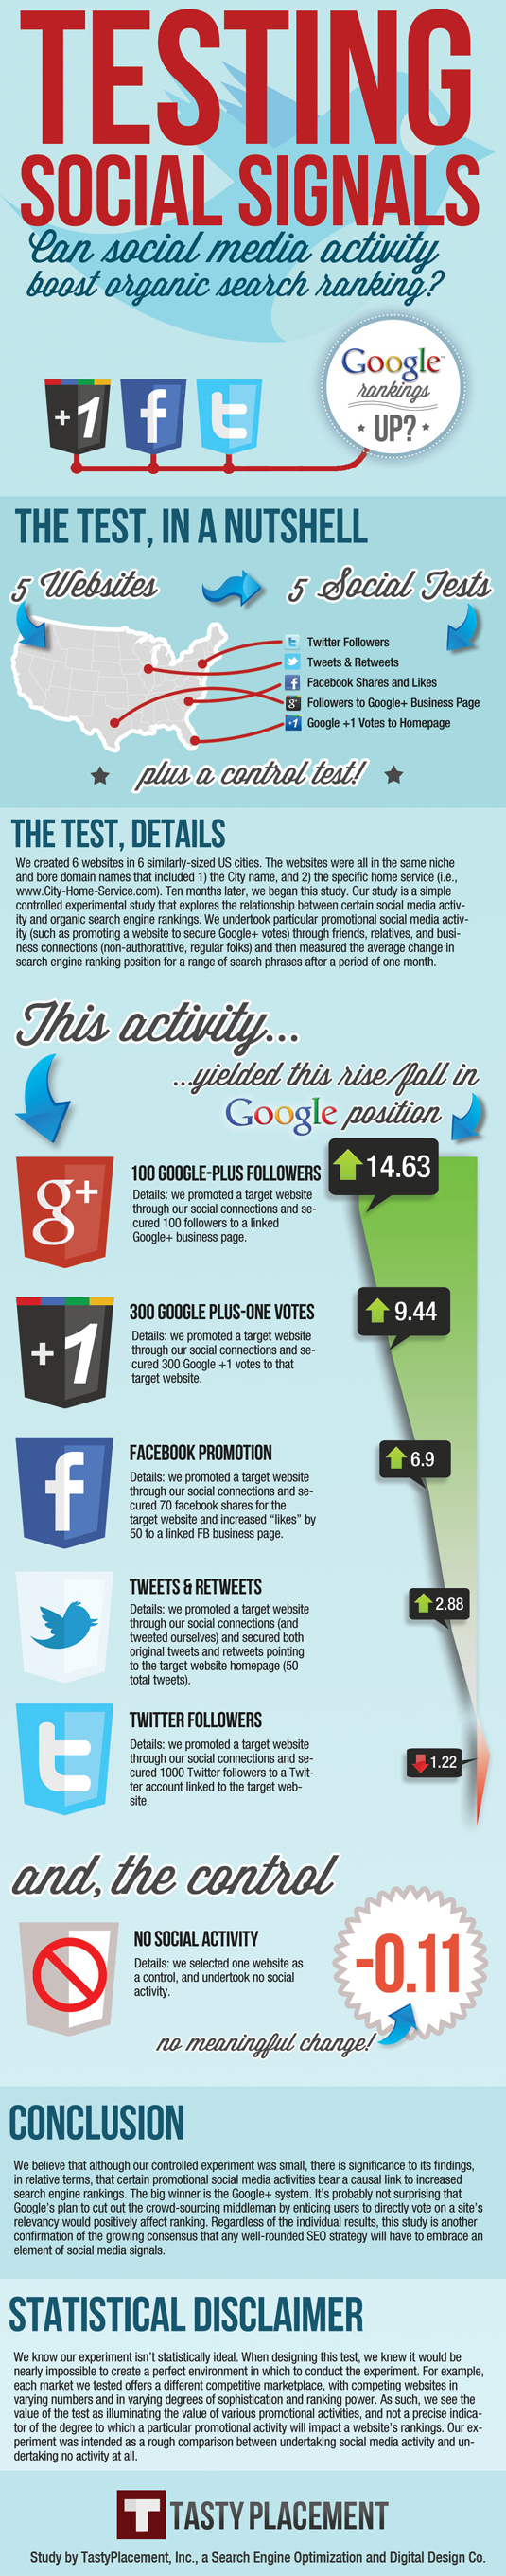 Impact De Facebook Twitter Et Google Sur Le Referencement Laboratoire Seo Via Http Bit Social Media Infographic Social Media Impact Social Media Search